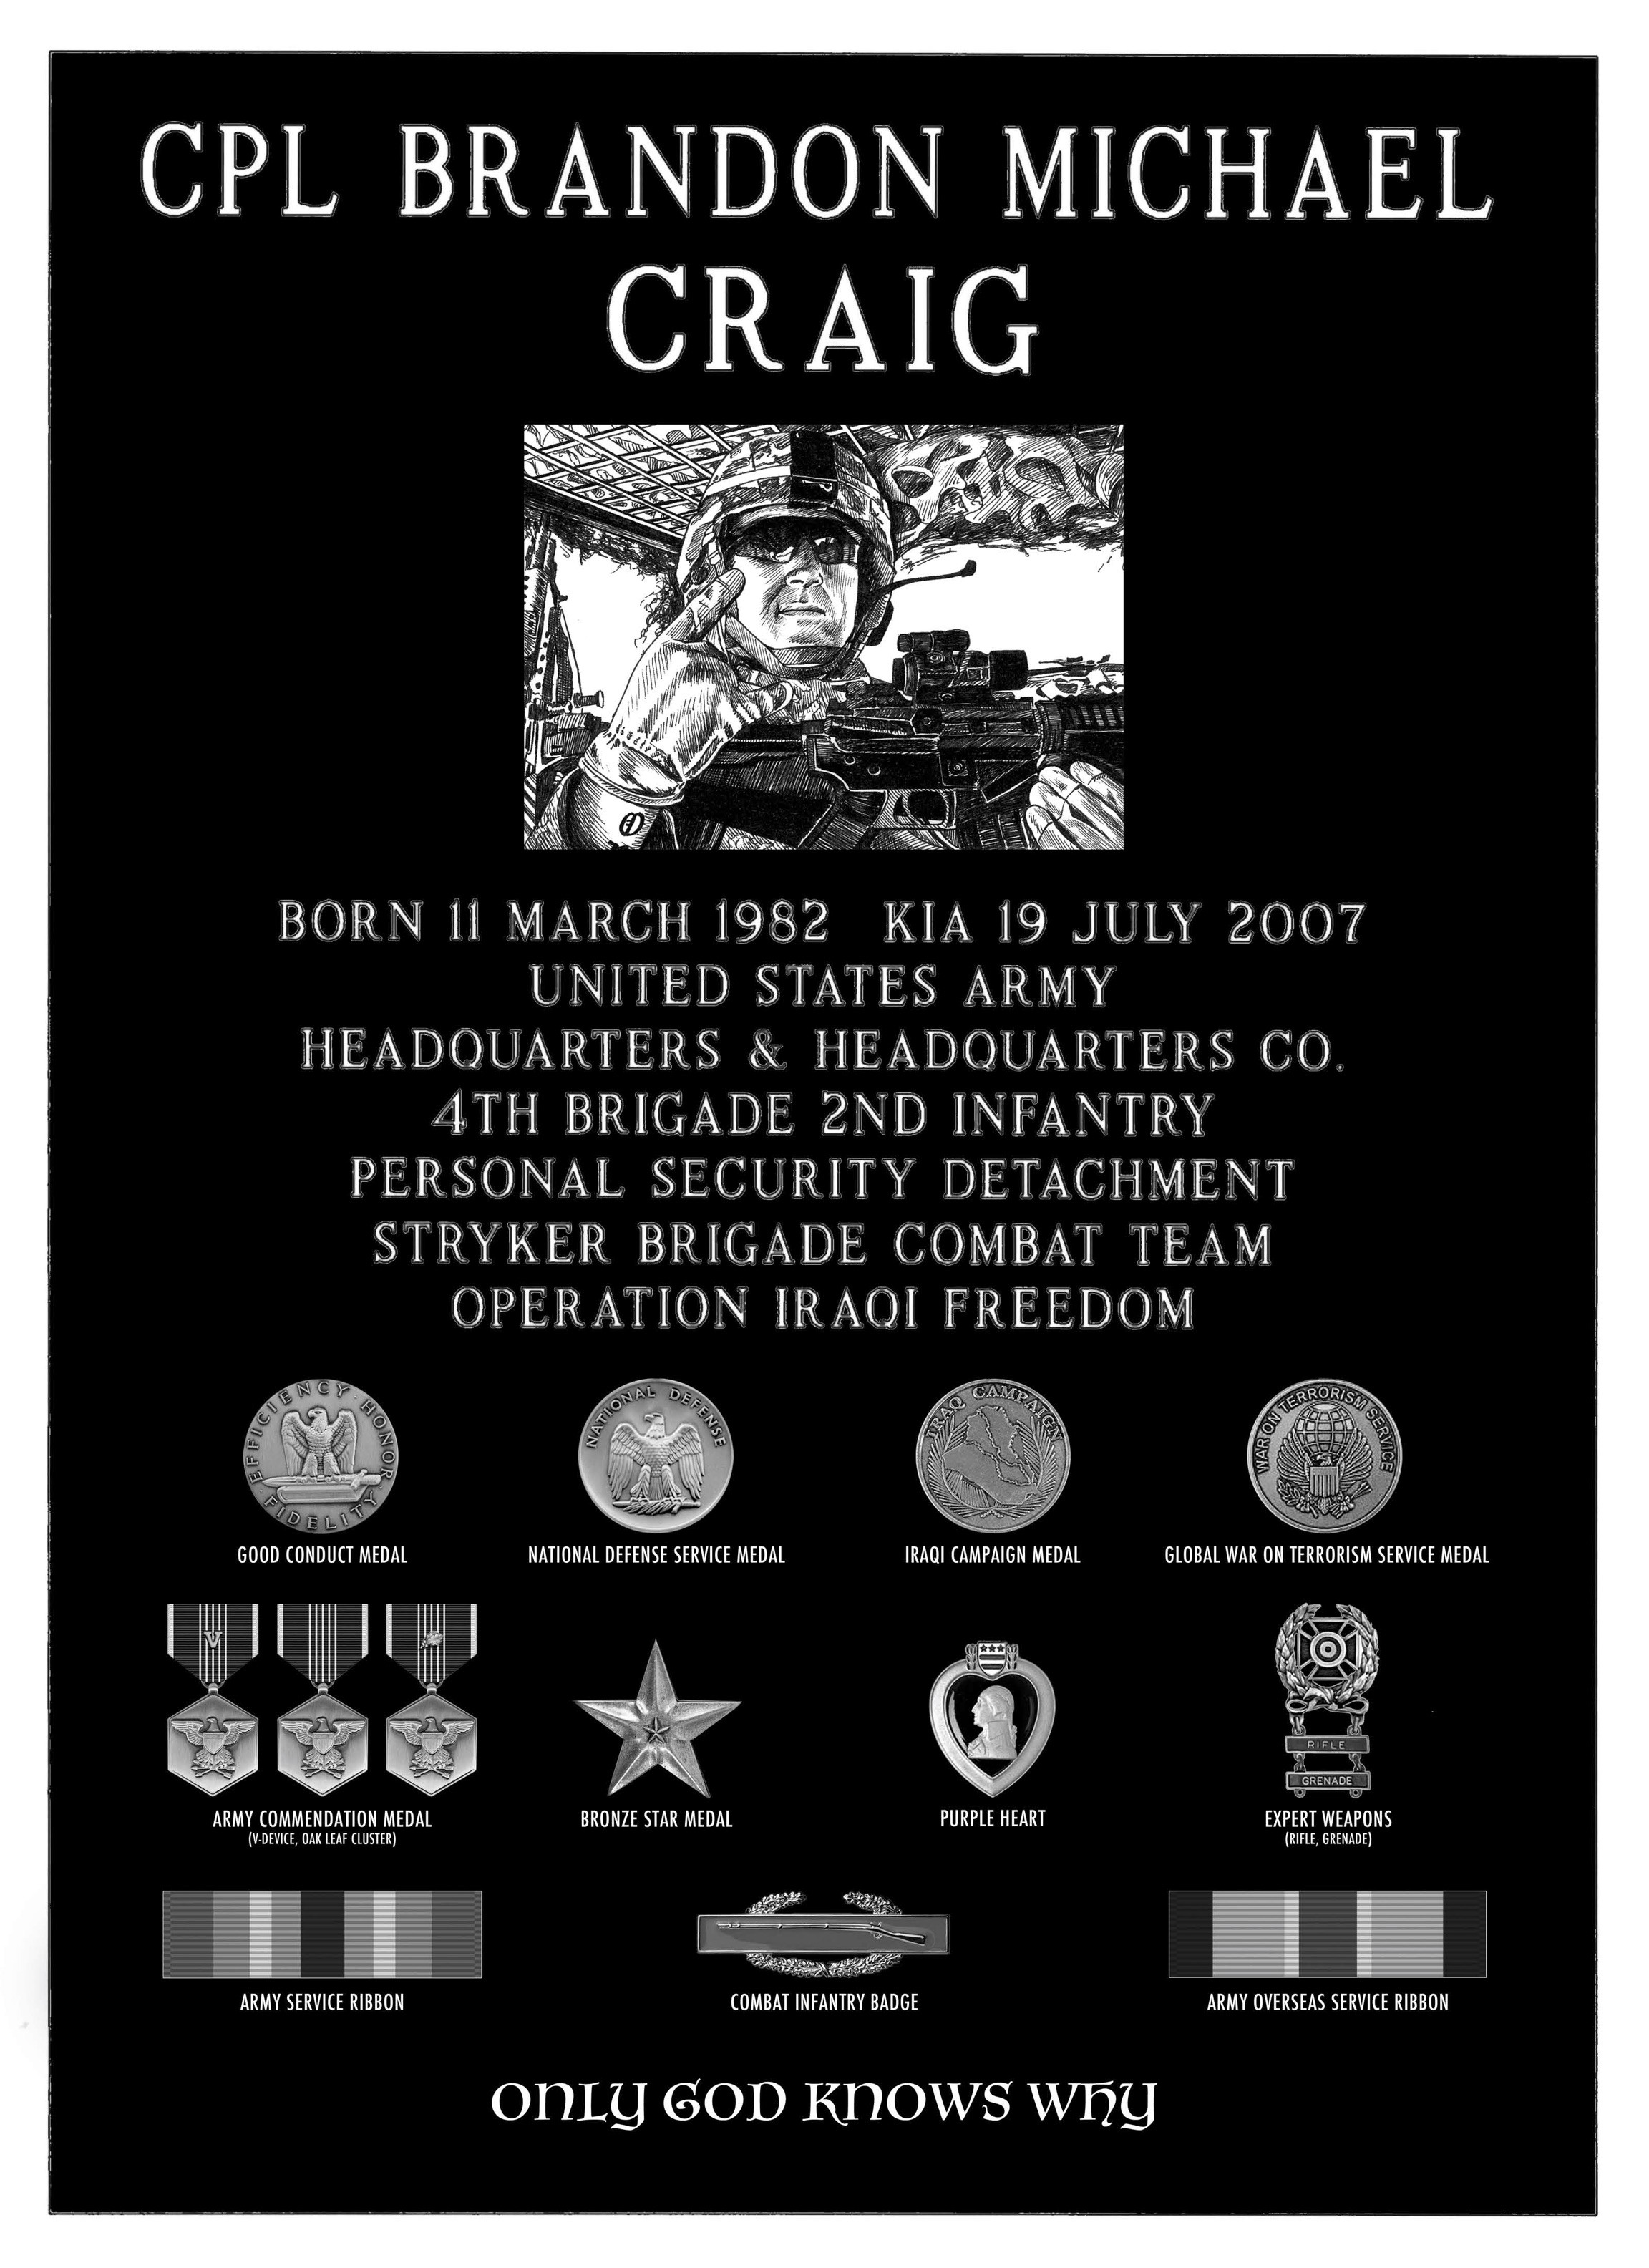 Corporal Brandon Michael Craig Memorial plaque